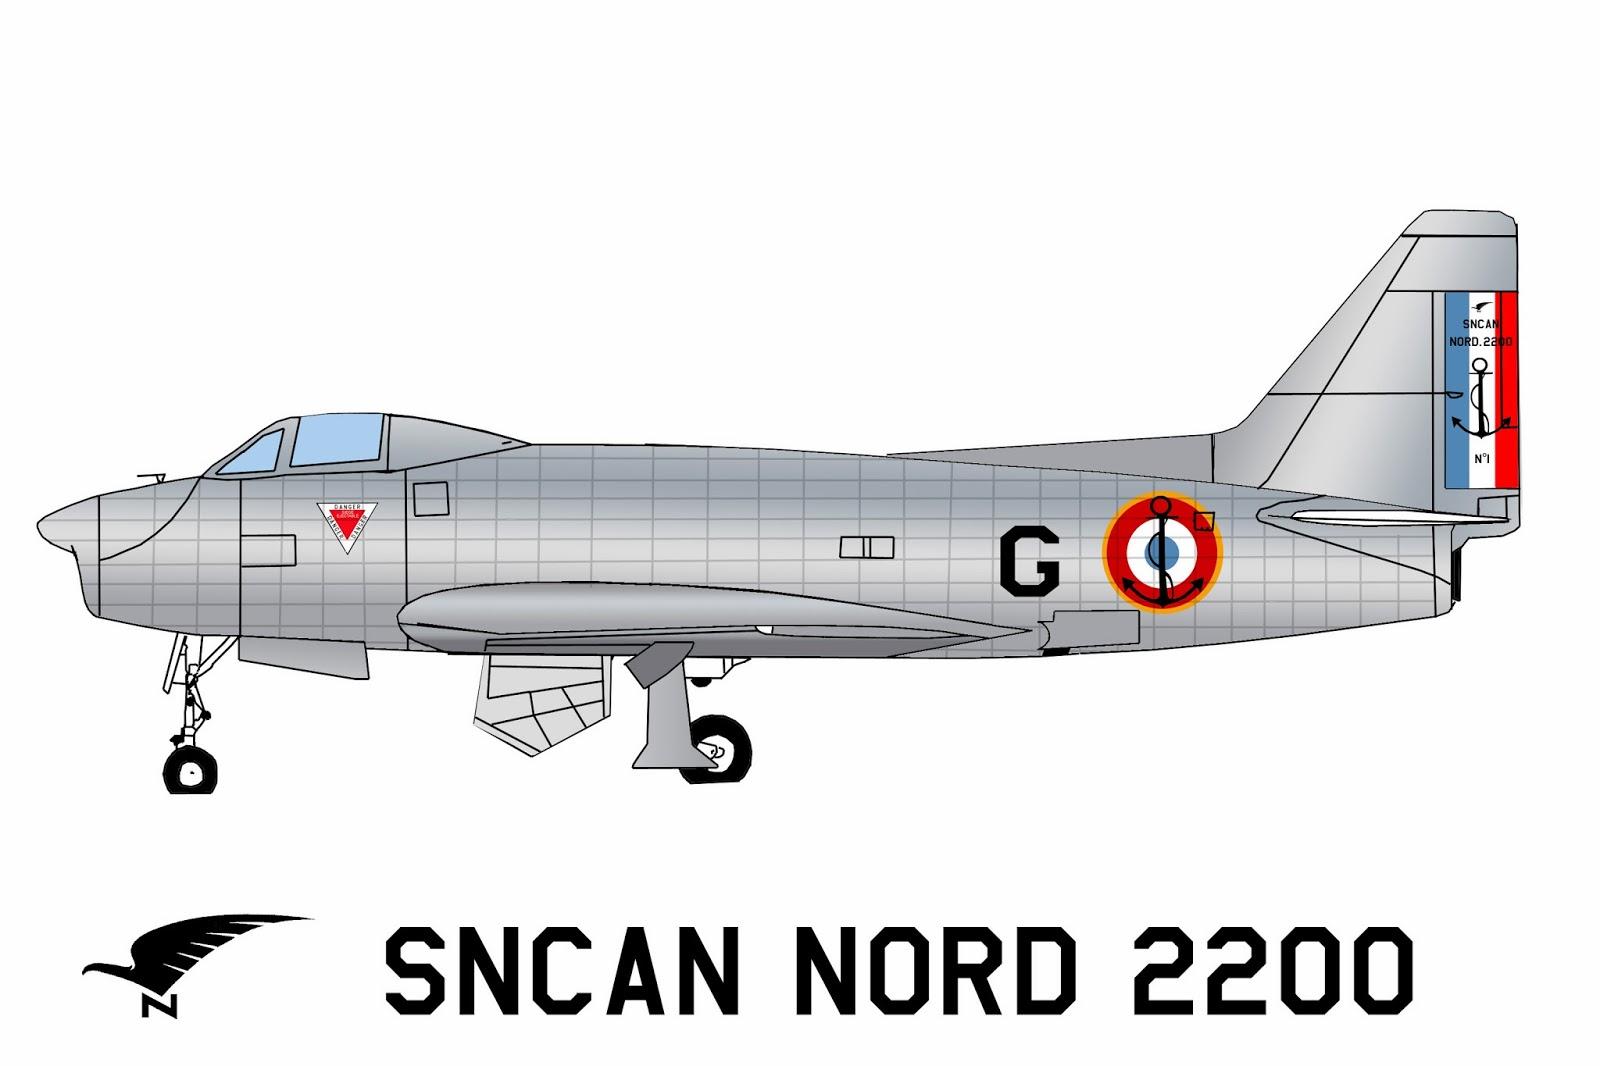 SNCAN